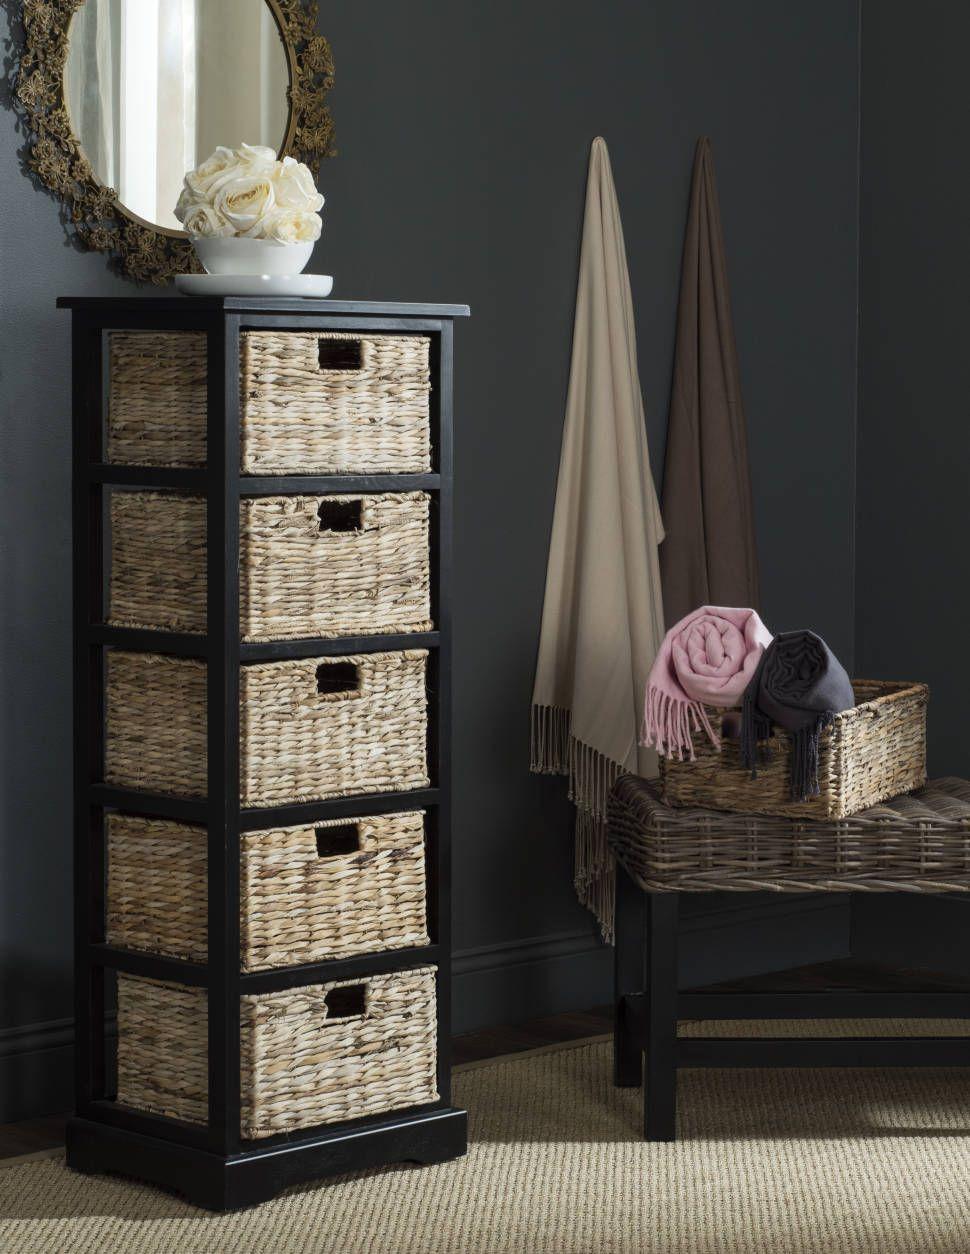 Santa Cruz 5 Drawer Accent Chest Wicker Baskets Storage Storage Baskets Wicker Dresser [ 1254 x 970 Pixel ]